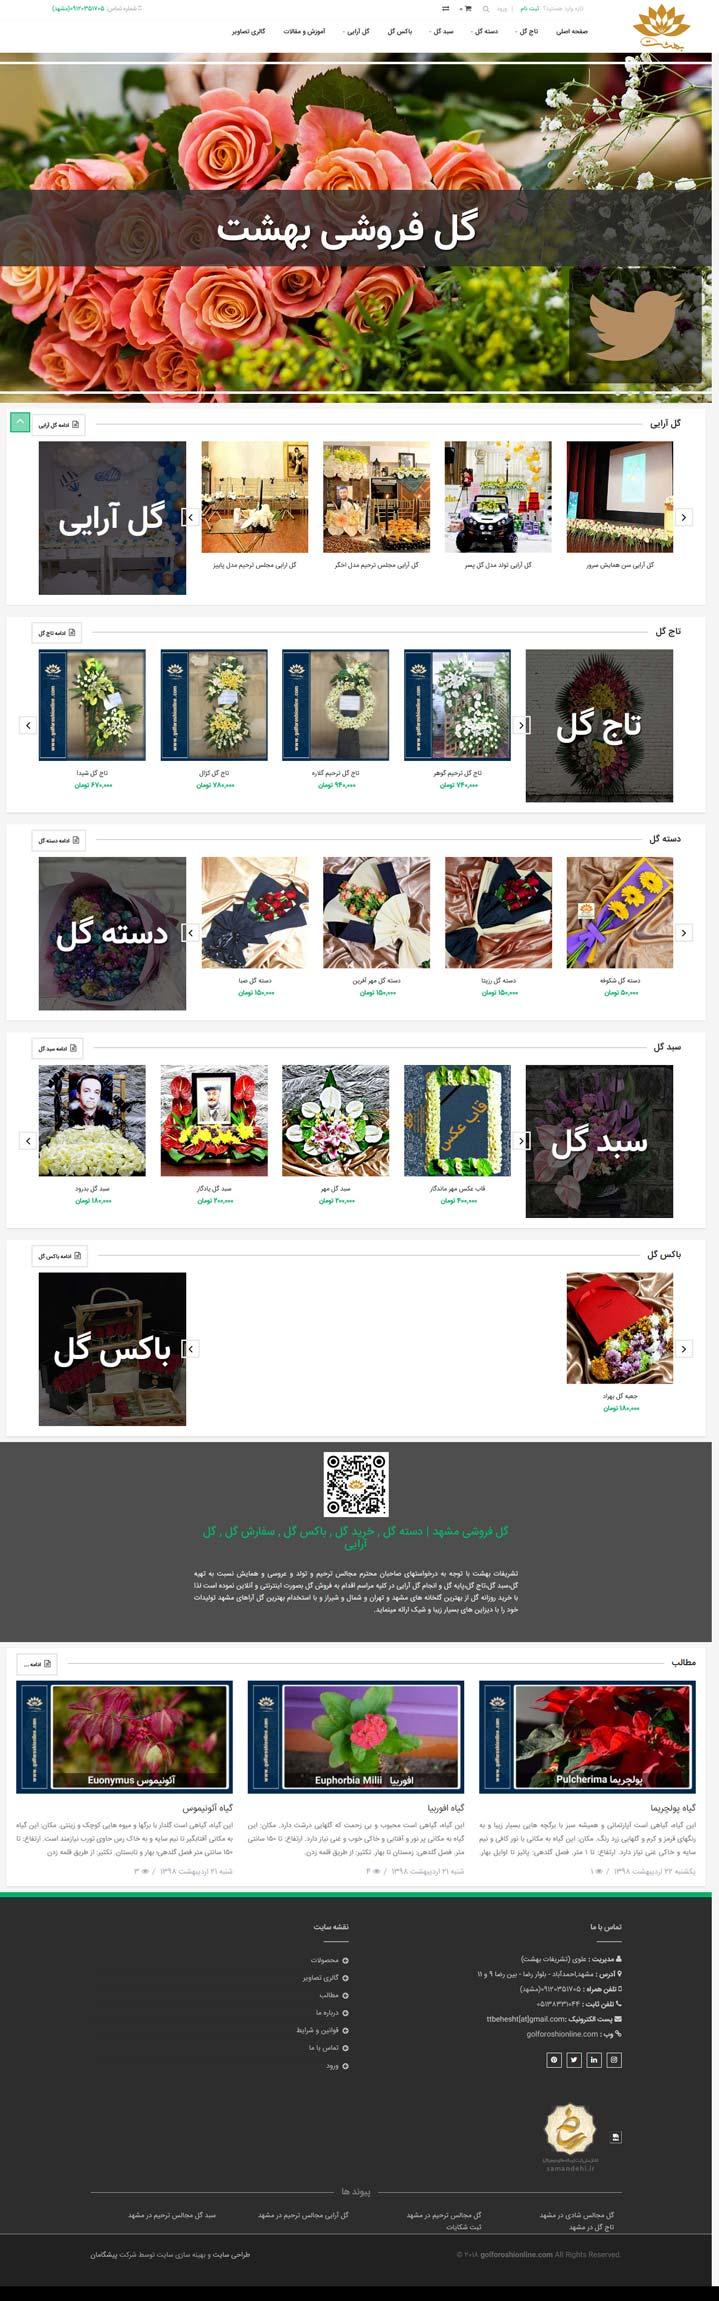 طراحی فروشگاه اینترنتی گل فروشی آنلاین